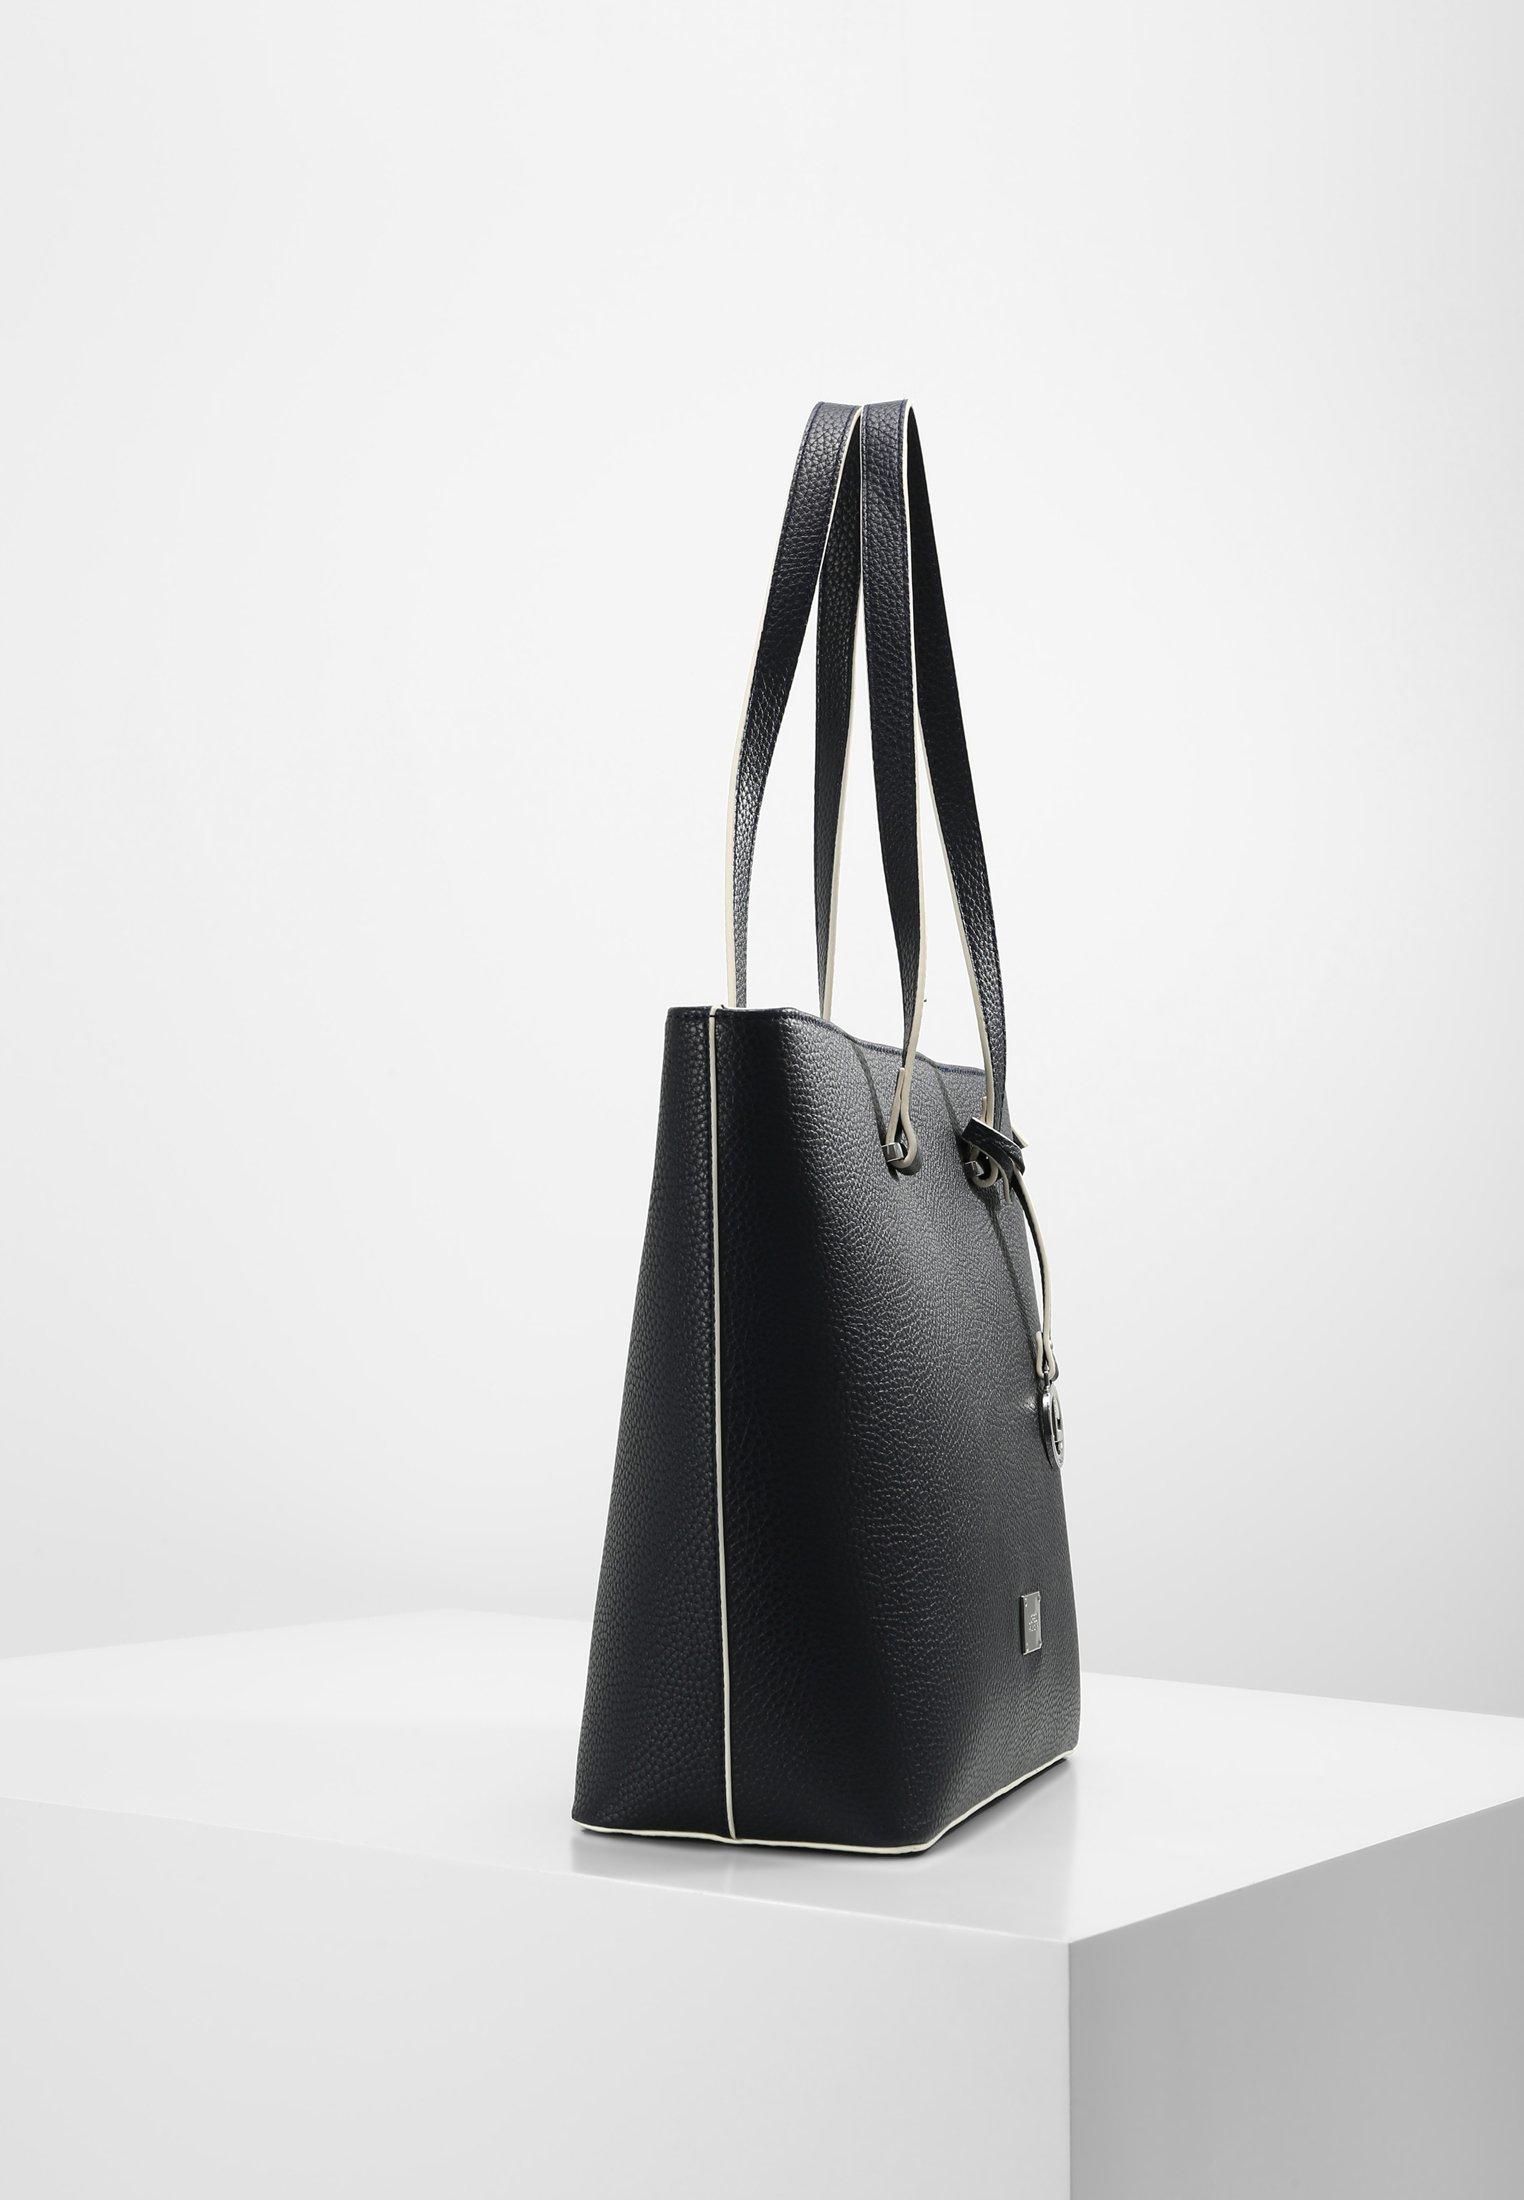 L.credi Shopping Bag - Dark Blue yLDhF